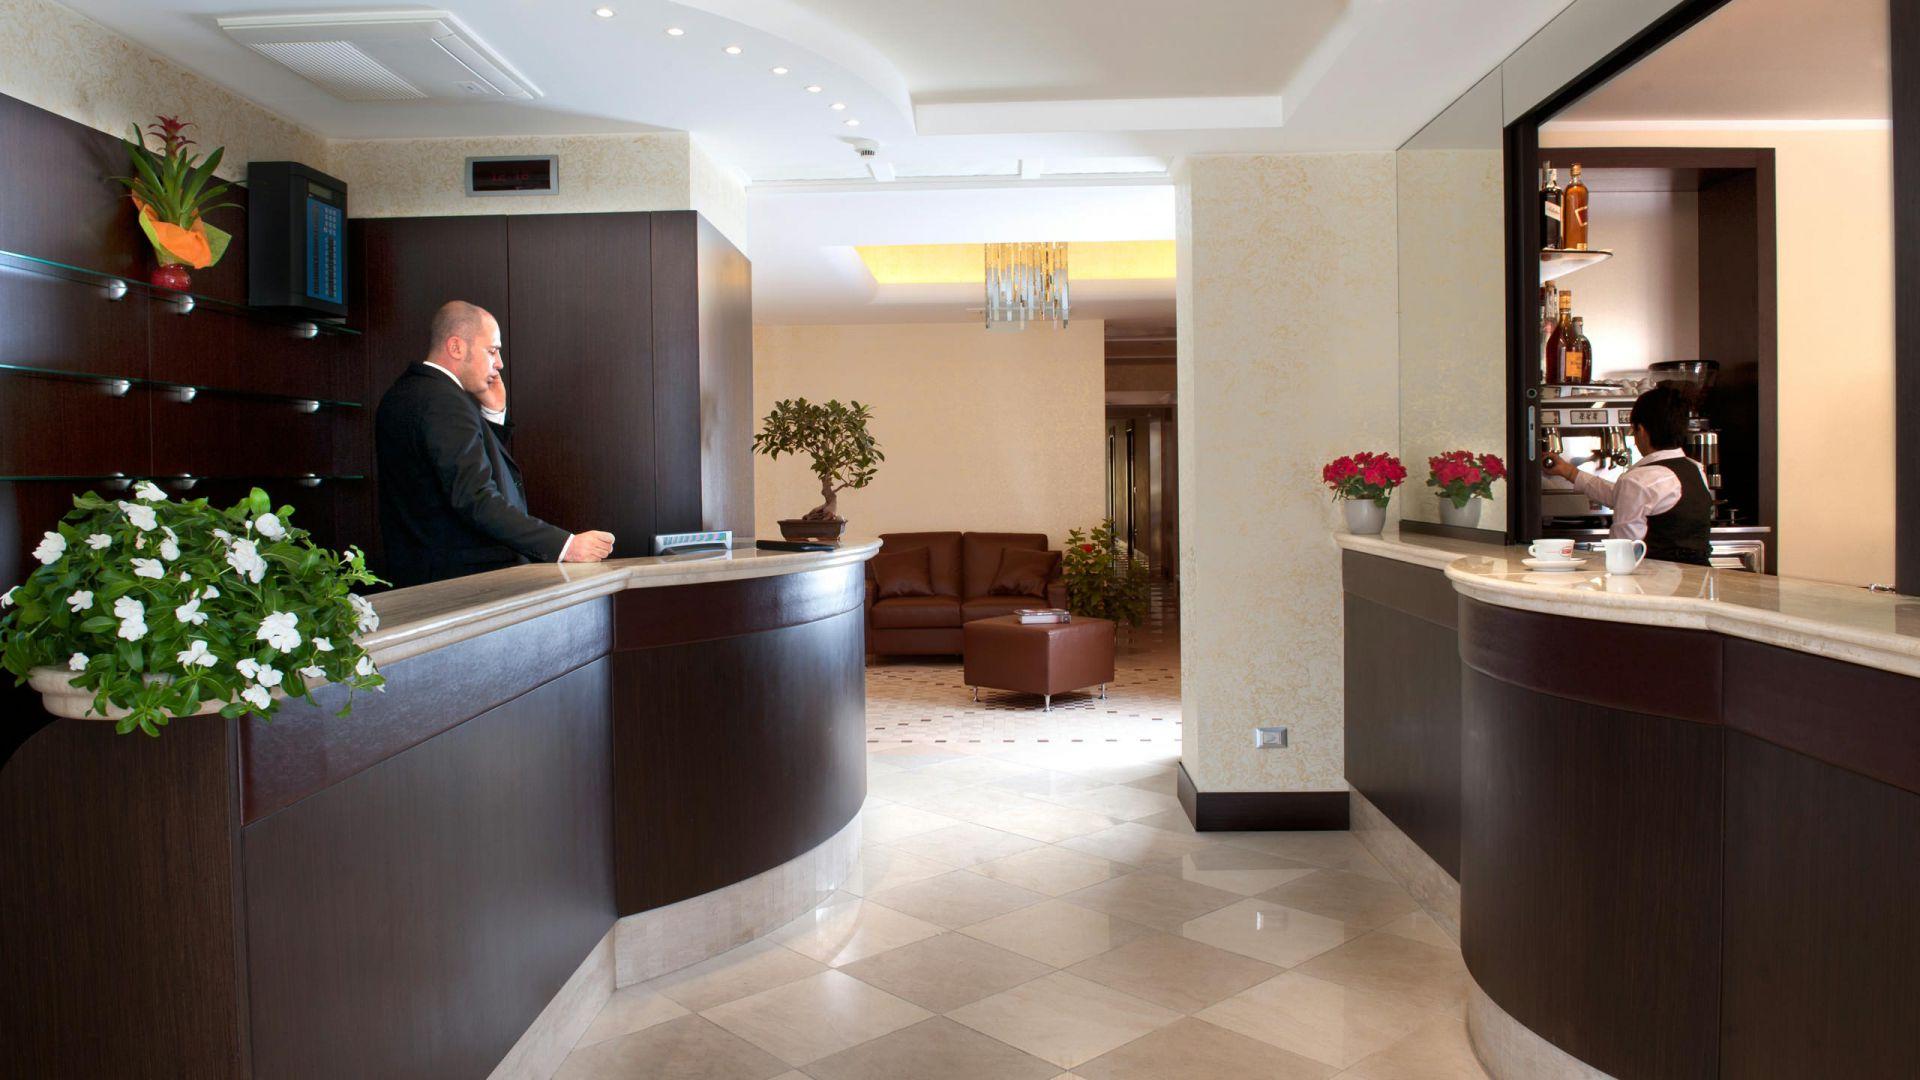 oc-hotel-villa-adriana-aree-comuni-001